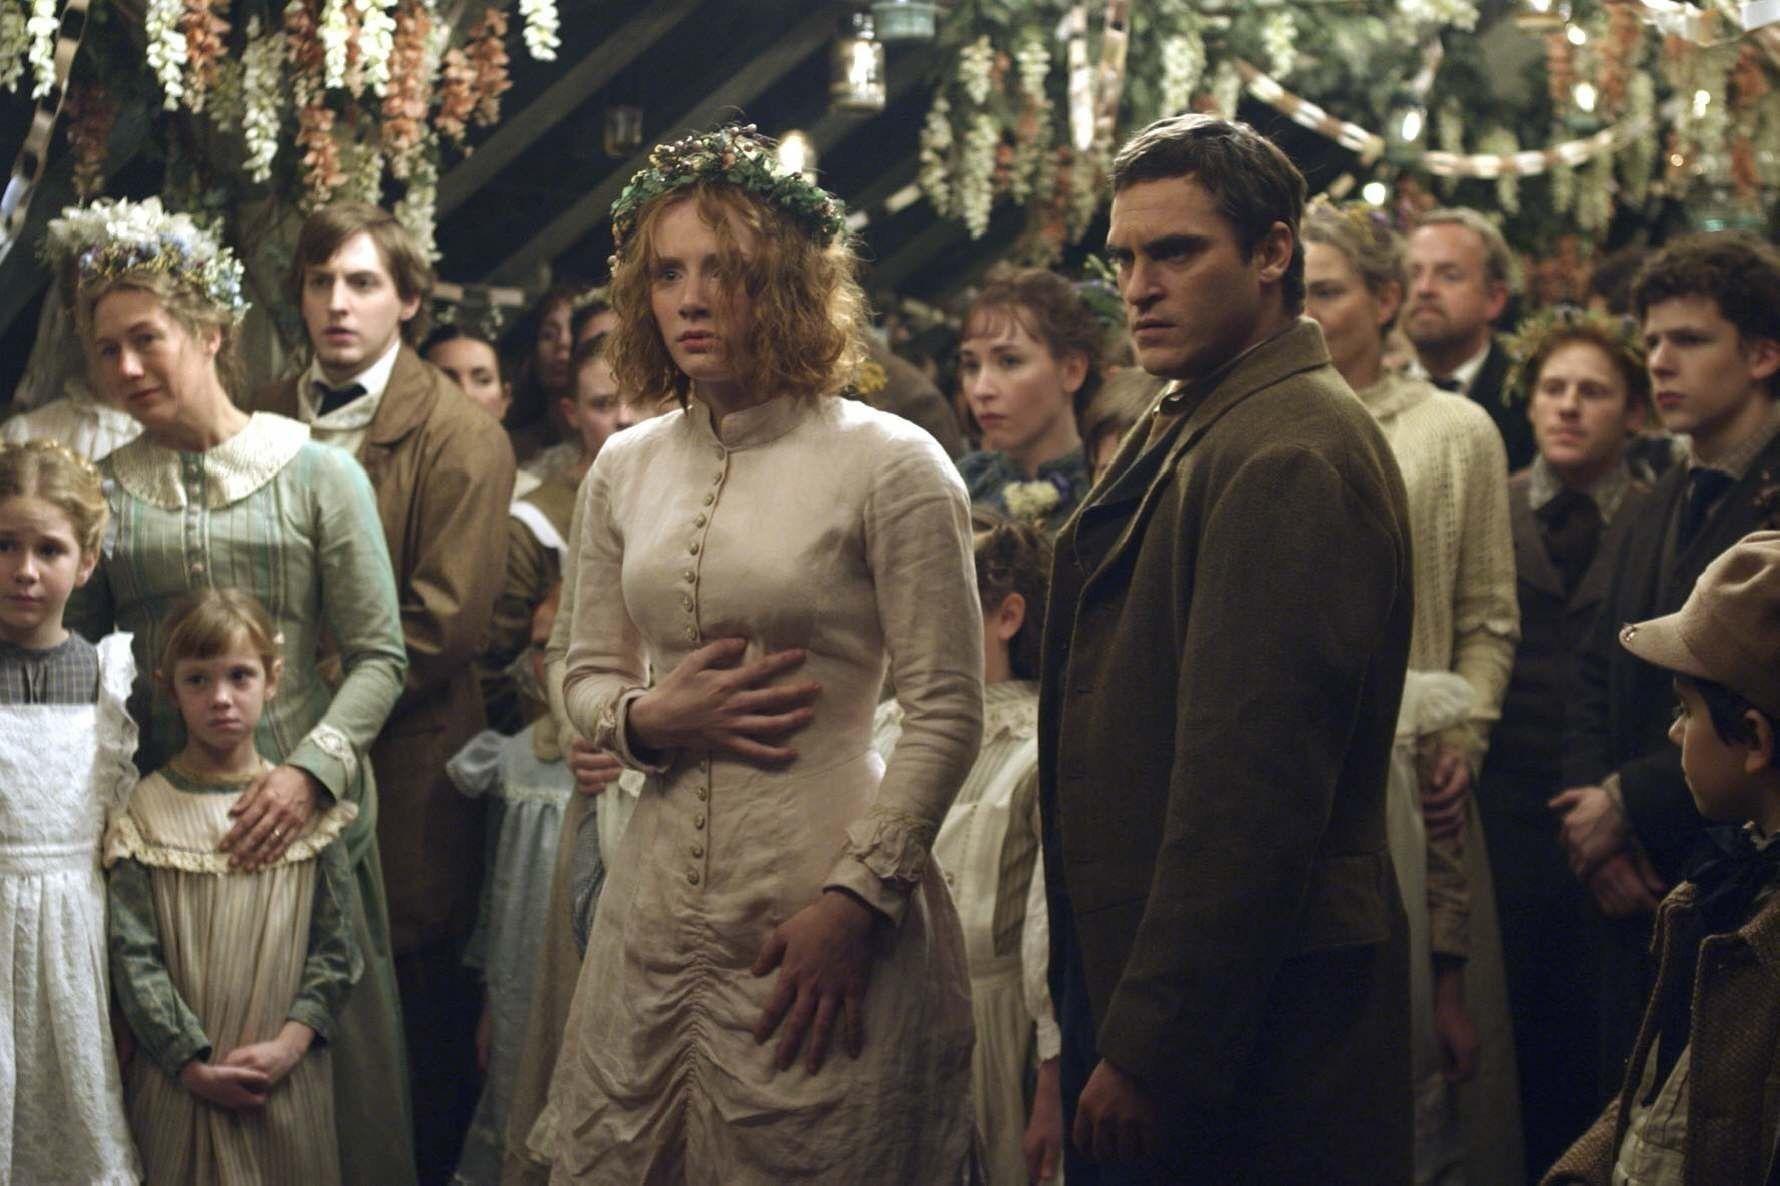 HQ12~0.JPG Kliknij w obrazek, aby zamknąć okno | The village movie, Wedding  scene, Bryce dallas howard